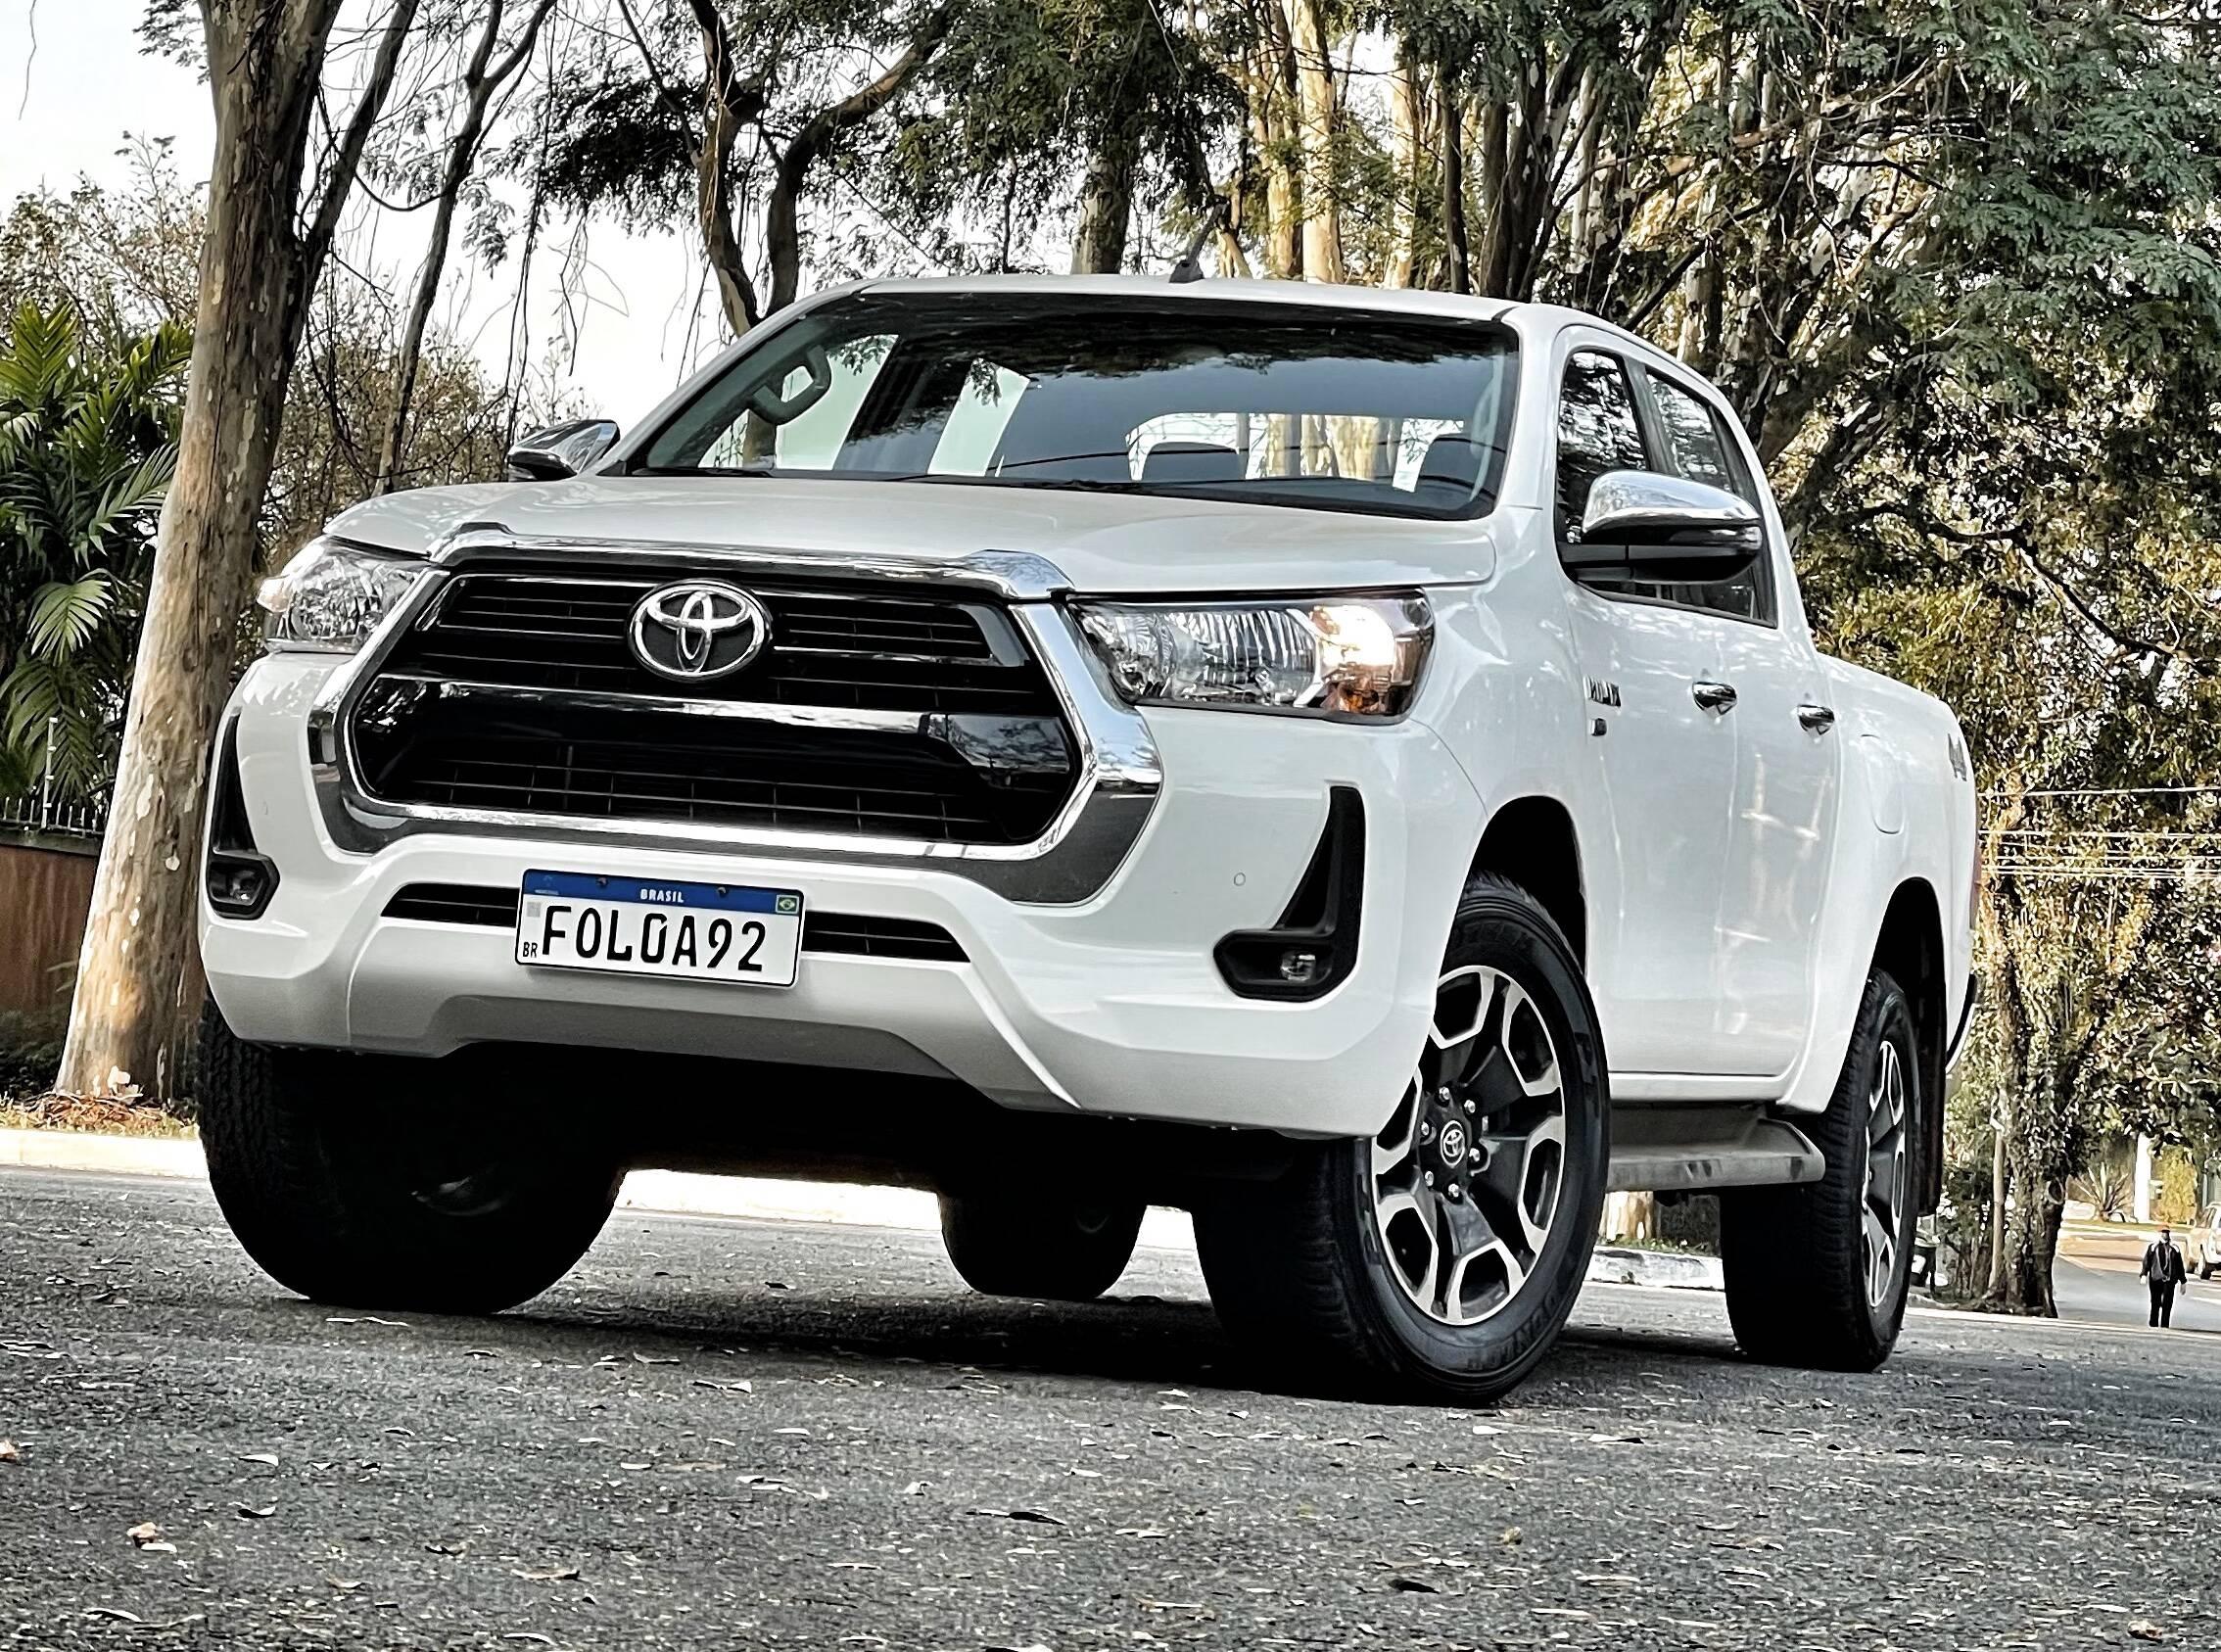 Foto: Toyota Hilux SR-V Flex